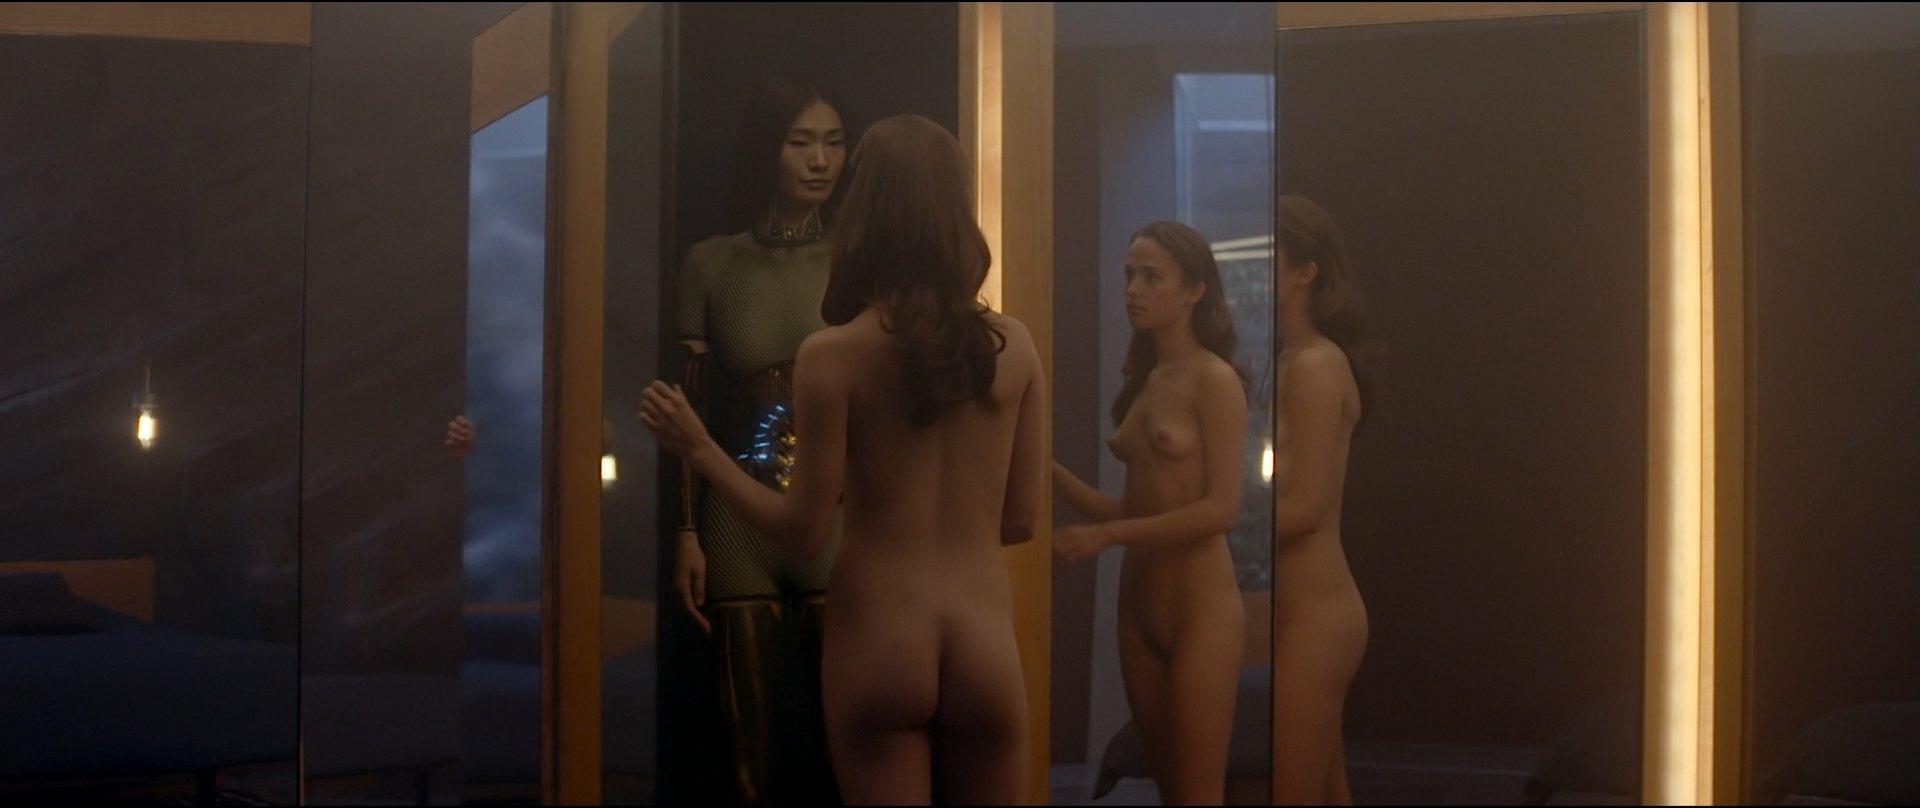 Самые обсуждаемые обнаженные сцены в кино Алисия Викандер Из машины